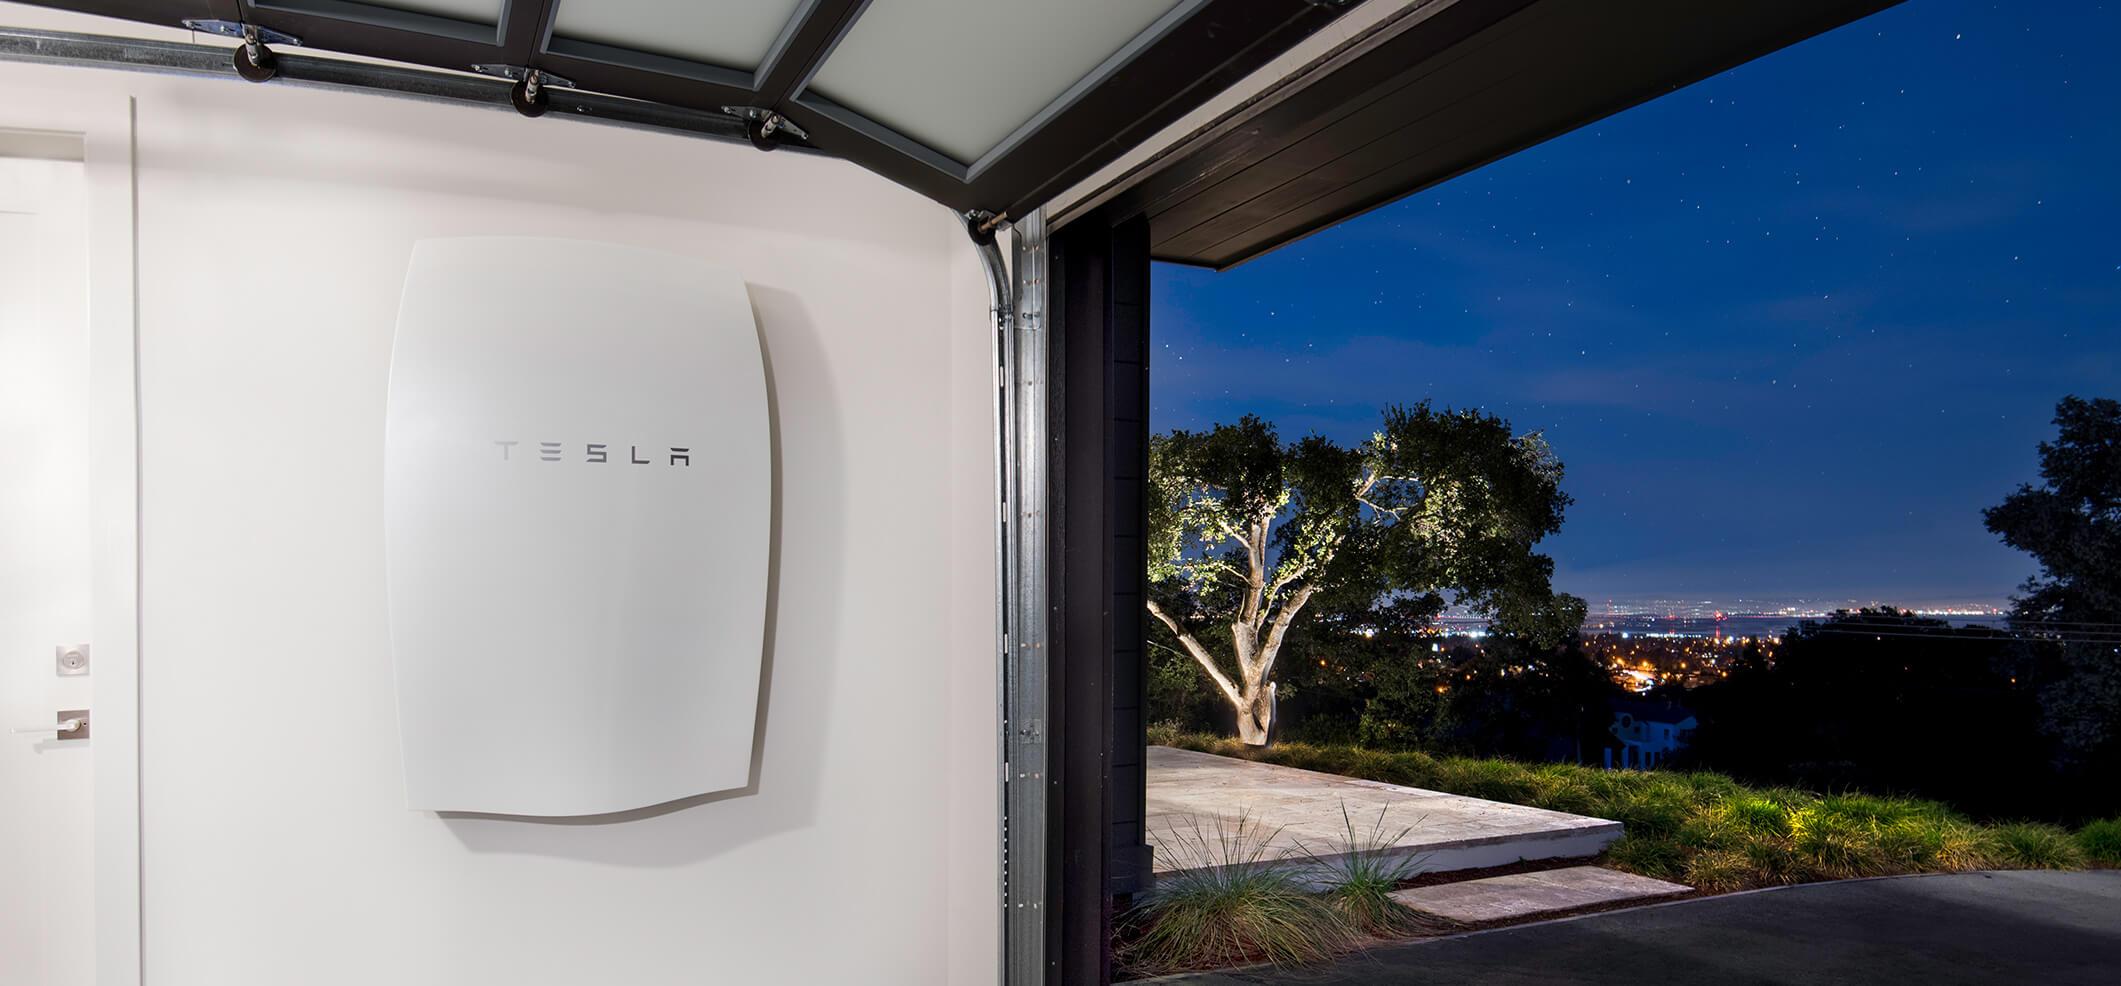 Tesla akkumulátor, tesla Powerwall, szigetüzemű napelemes rendszer, háztartási akkumulátor, Tesla Powerpack